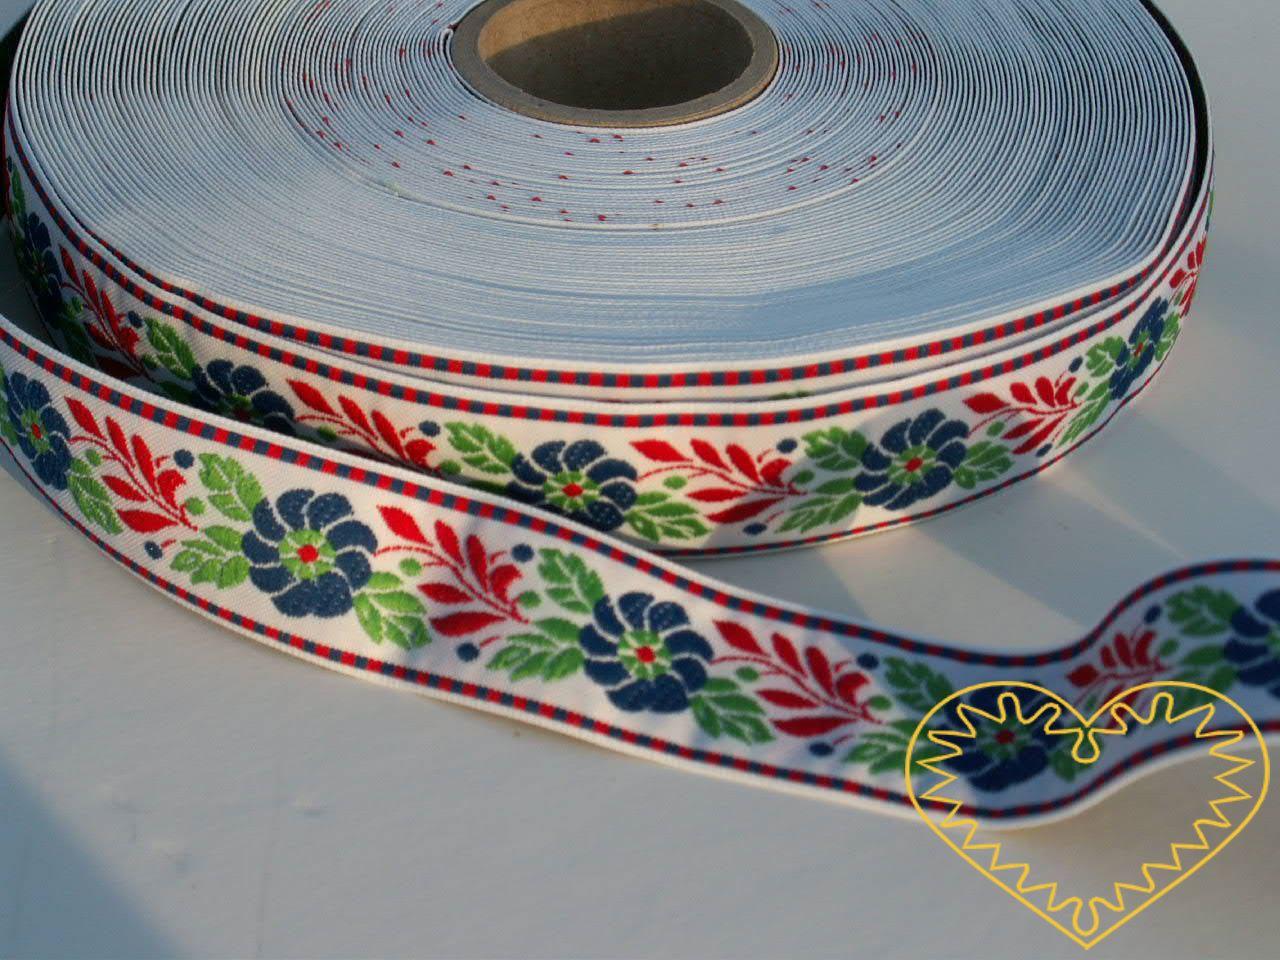 Bílá krojová stuha se vzorem - vzorovka - šíře 2,5 cm. Textilní tkaná stuha s modrými květy a červenými a zelenými lístky se uplatní zvláště při výrobě krojů a předmětů tradiční lidové kultury. Vhodná též k lemování tkanin a šatů panenek a maňásků.